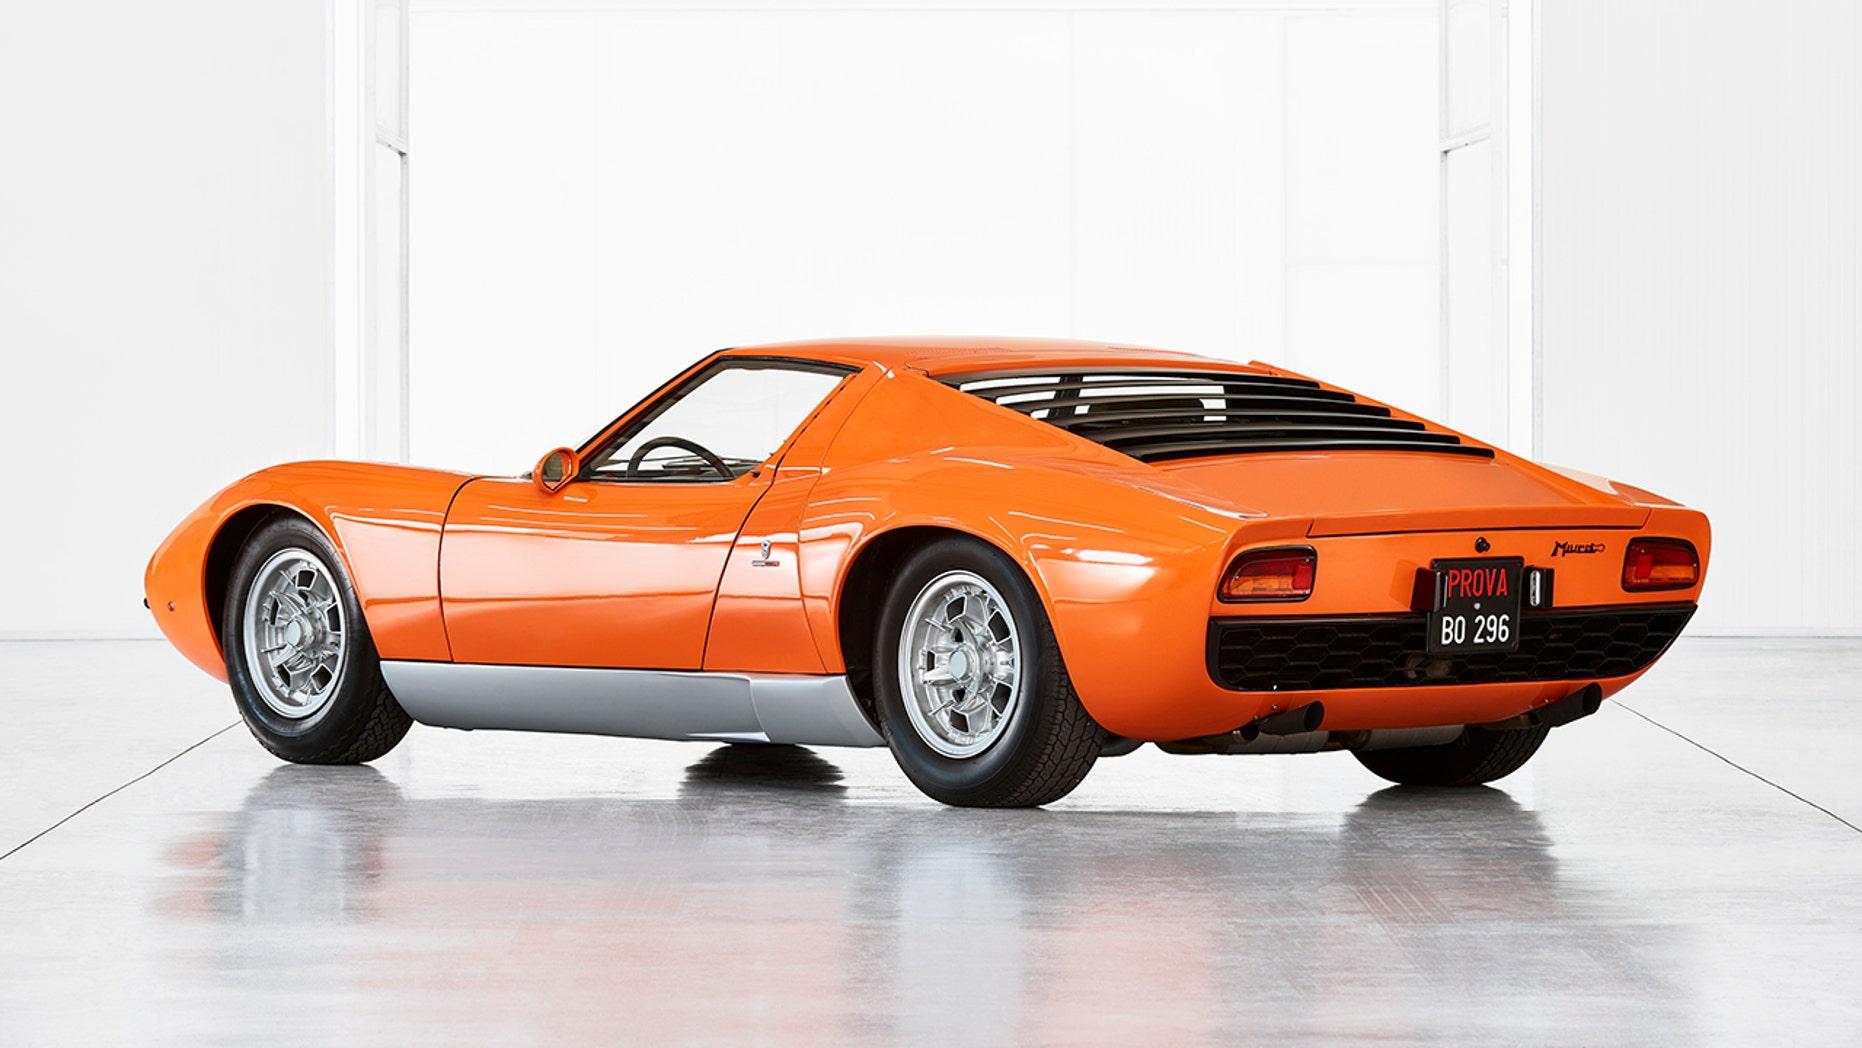 1969 Lamborghini Miura P400 side view